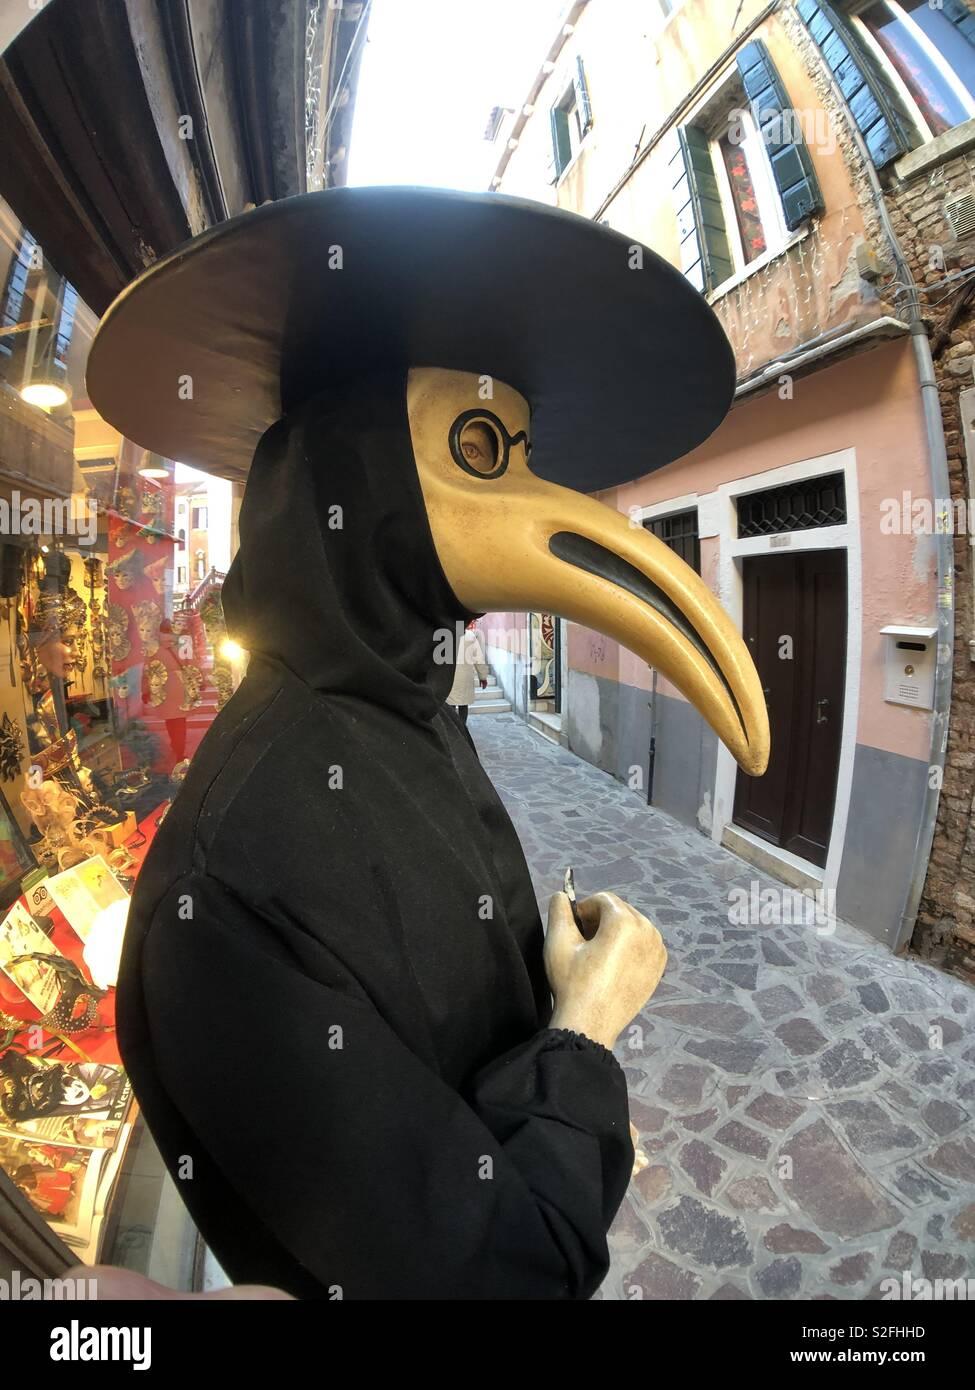 Medico della Peste display fittizia al di fuori del negozio a Venezia. Foto Stock